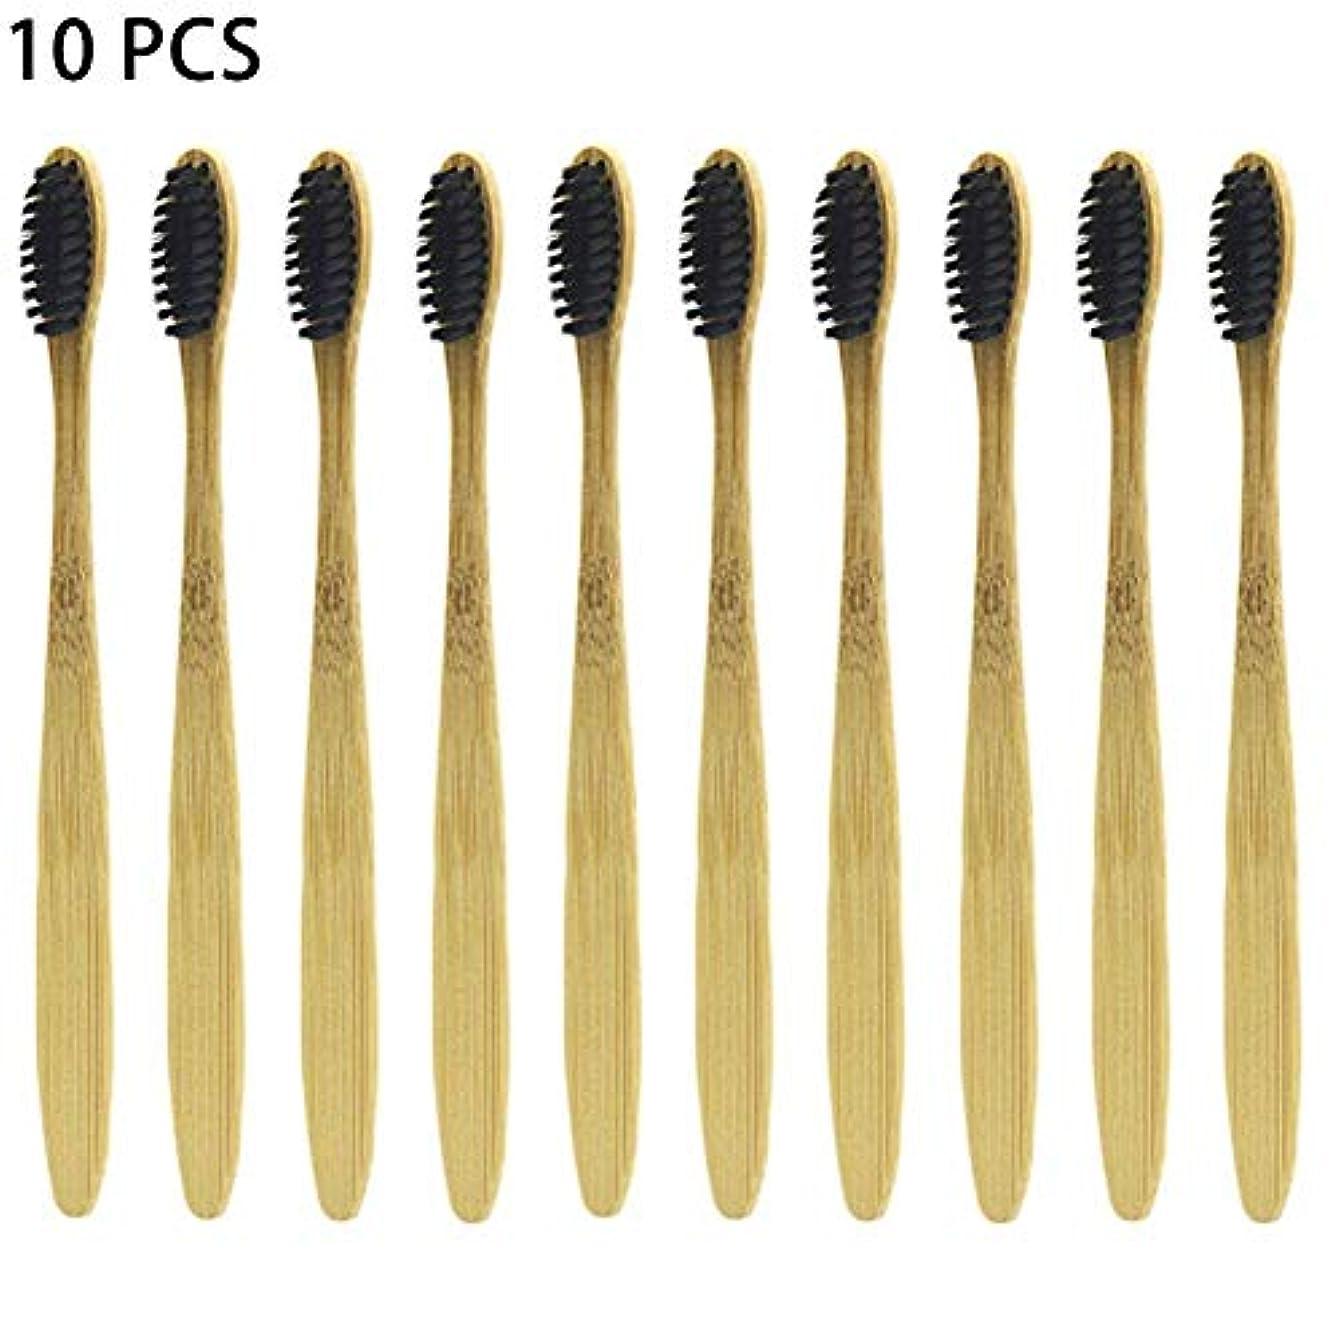 交差点うそつきいくつかのRagem 竹の歯ブラシ 歯ブラシ 柔らかい 環境保護 10本